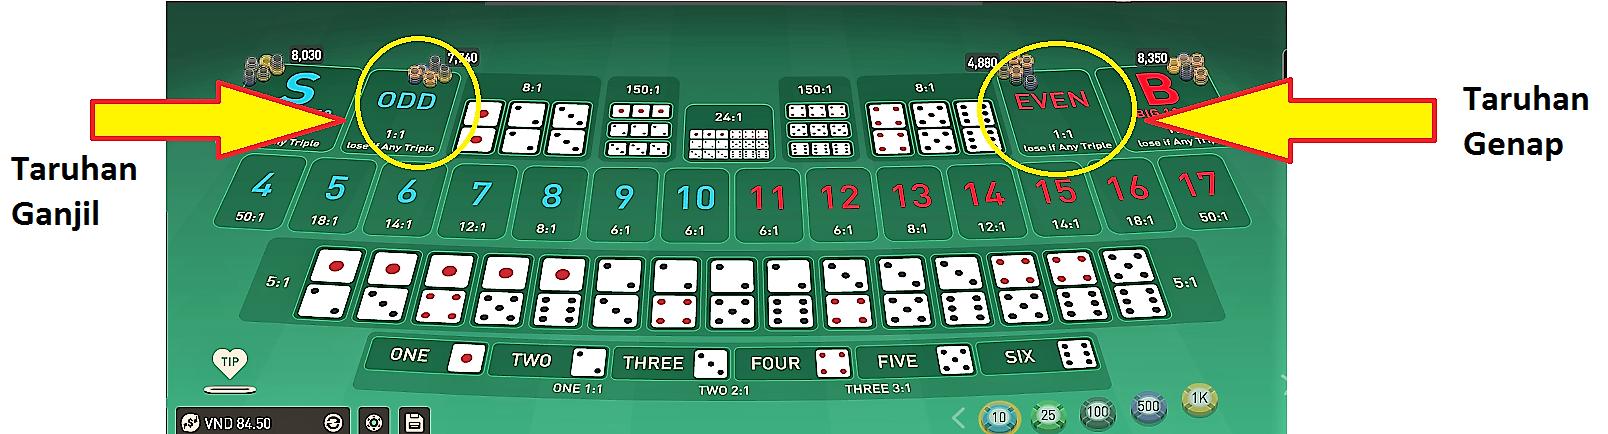 Taruhan-Genap-Ganjil-di-Sicbo-Judi-Casino-Online-W88